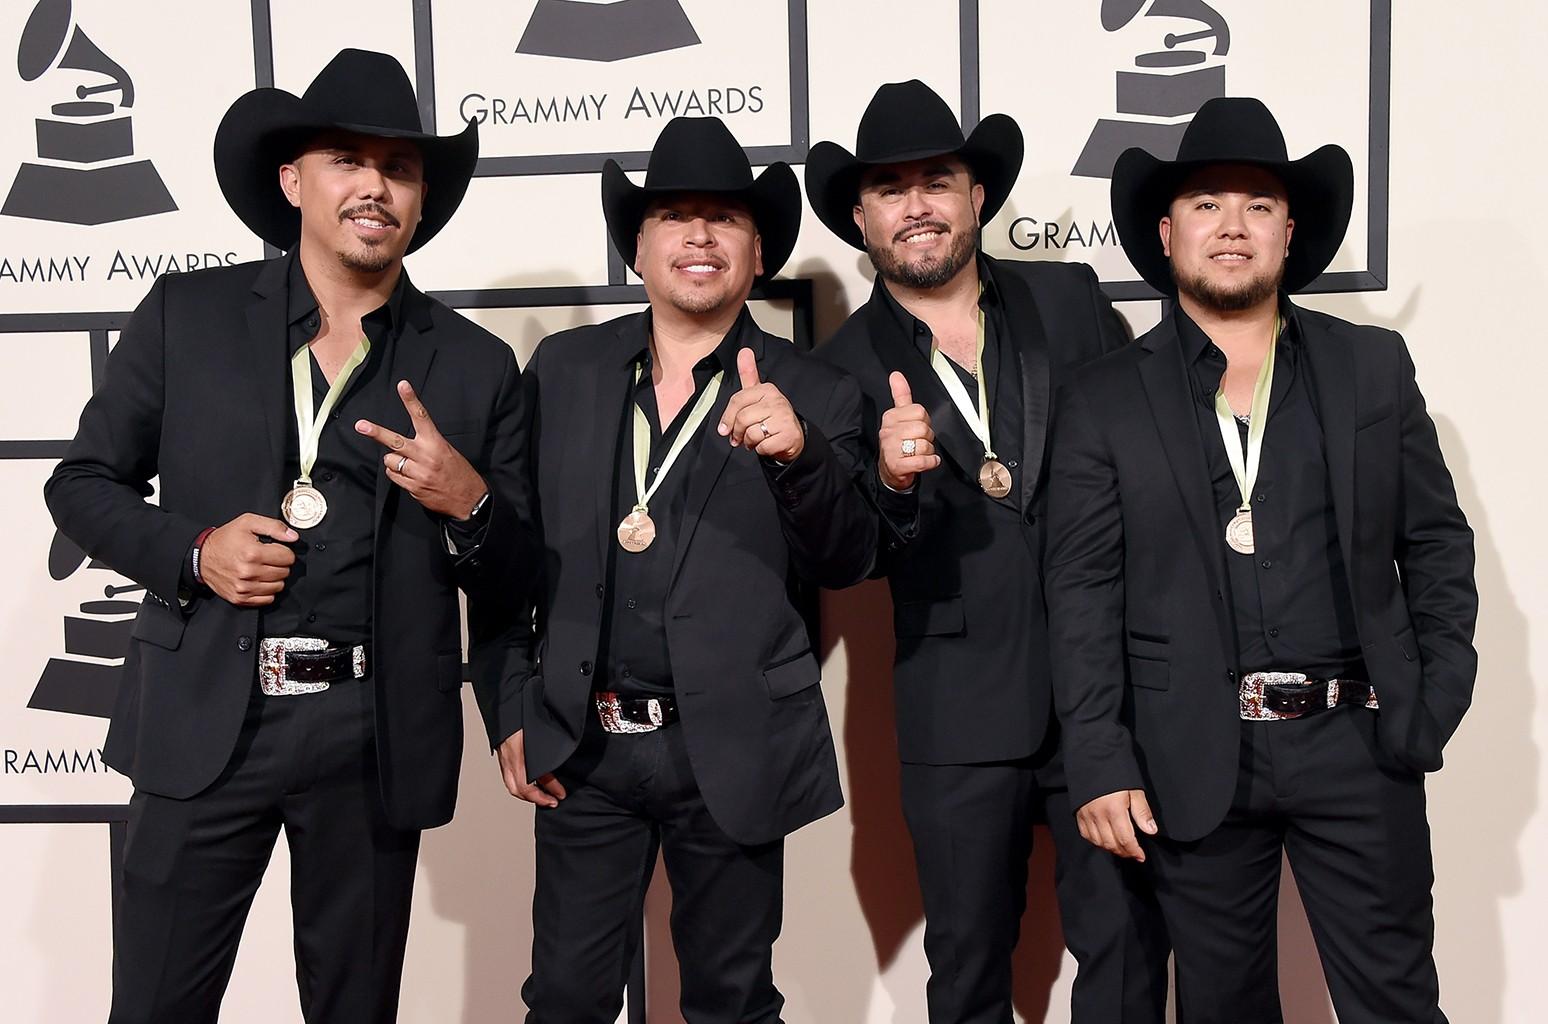 La Maquinaria Nortena attends The 58th Grammy Awards